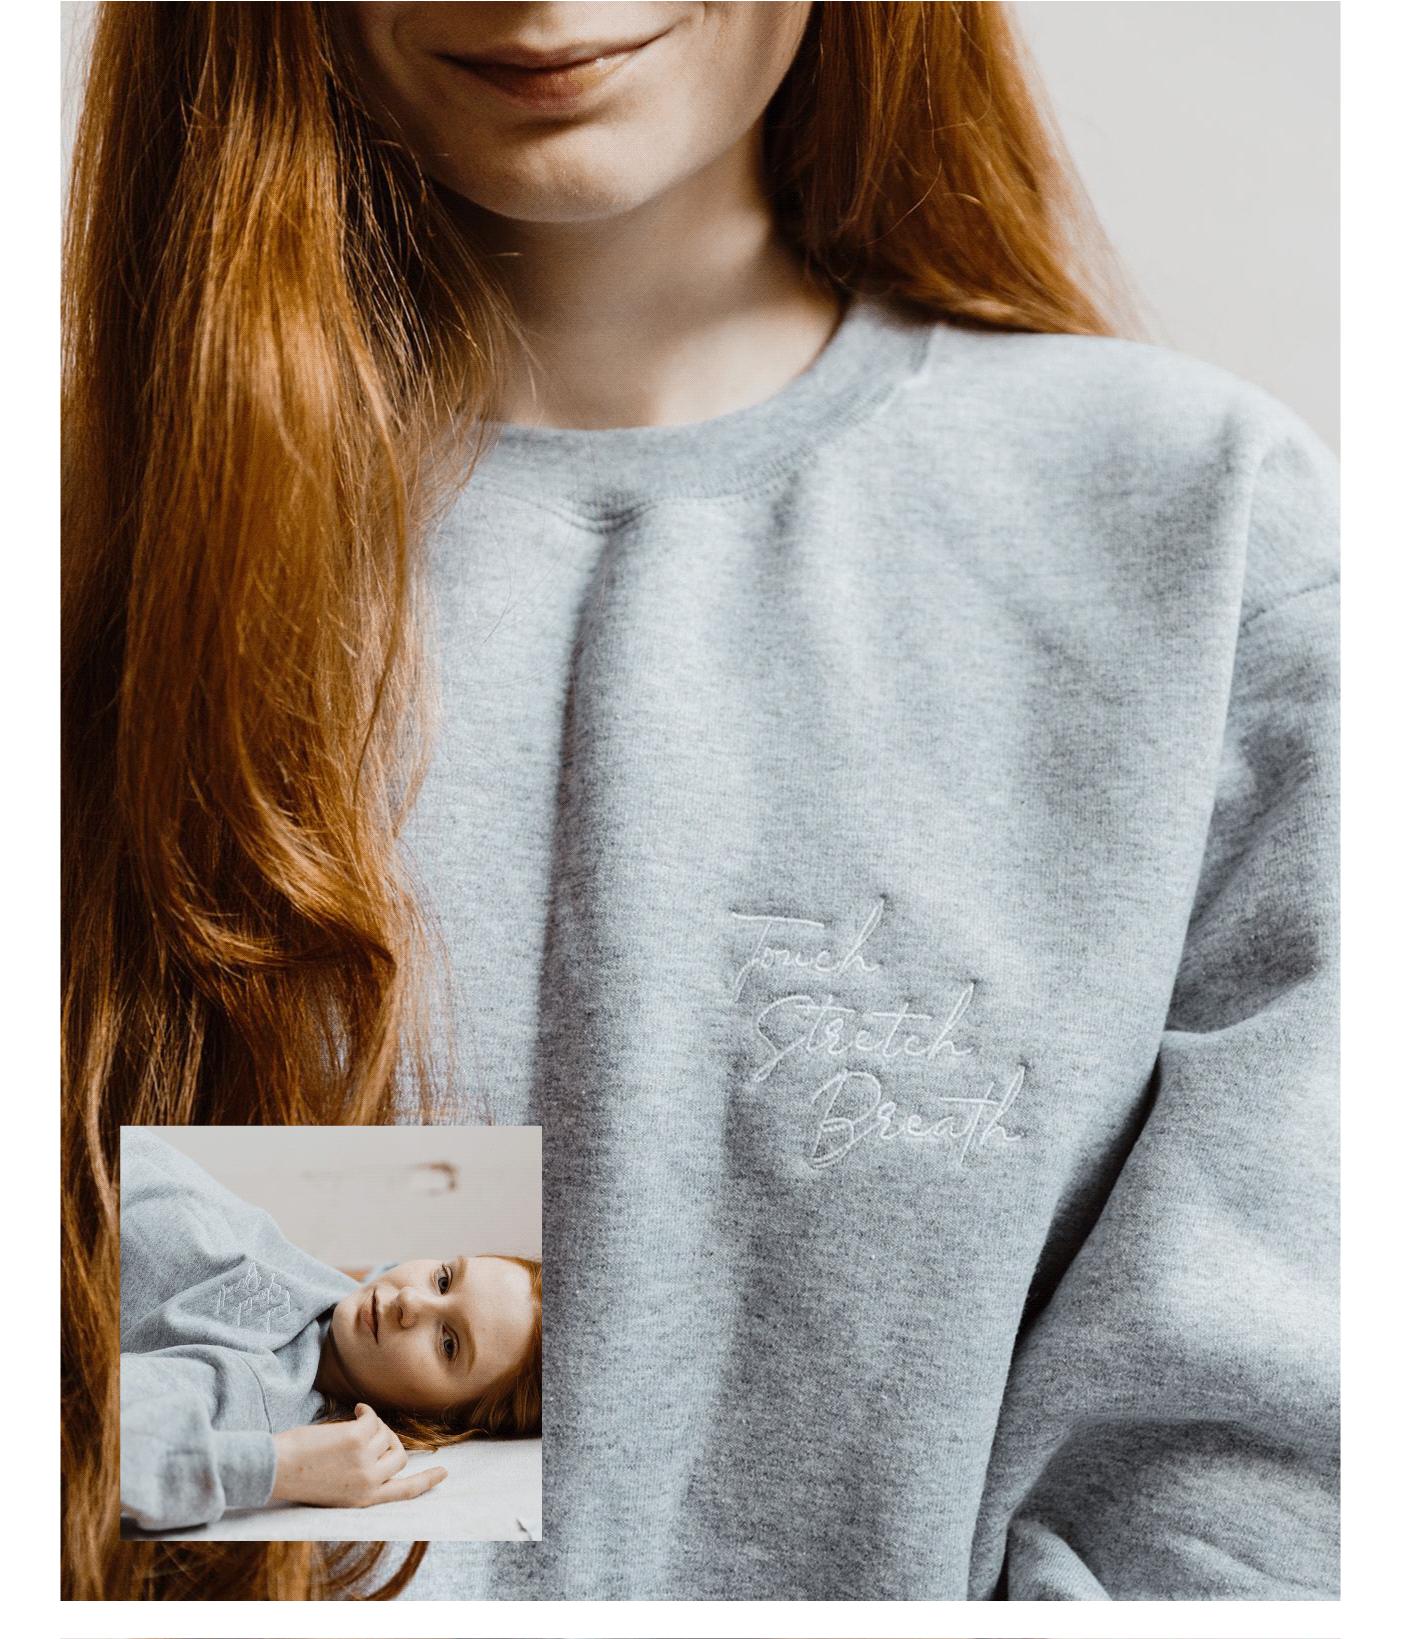 Yomassage sweatshirt design by Wink Digital // Michelle Parent